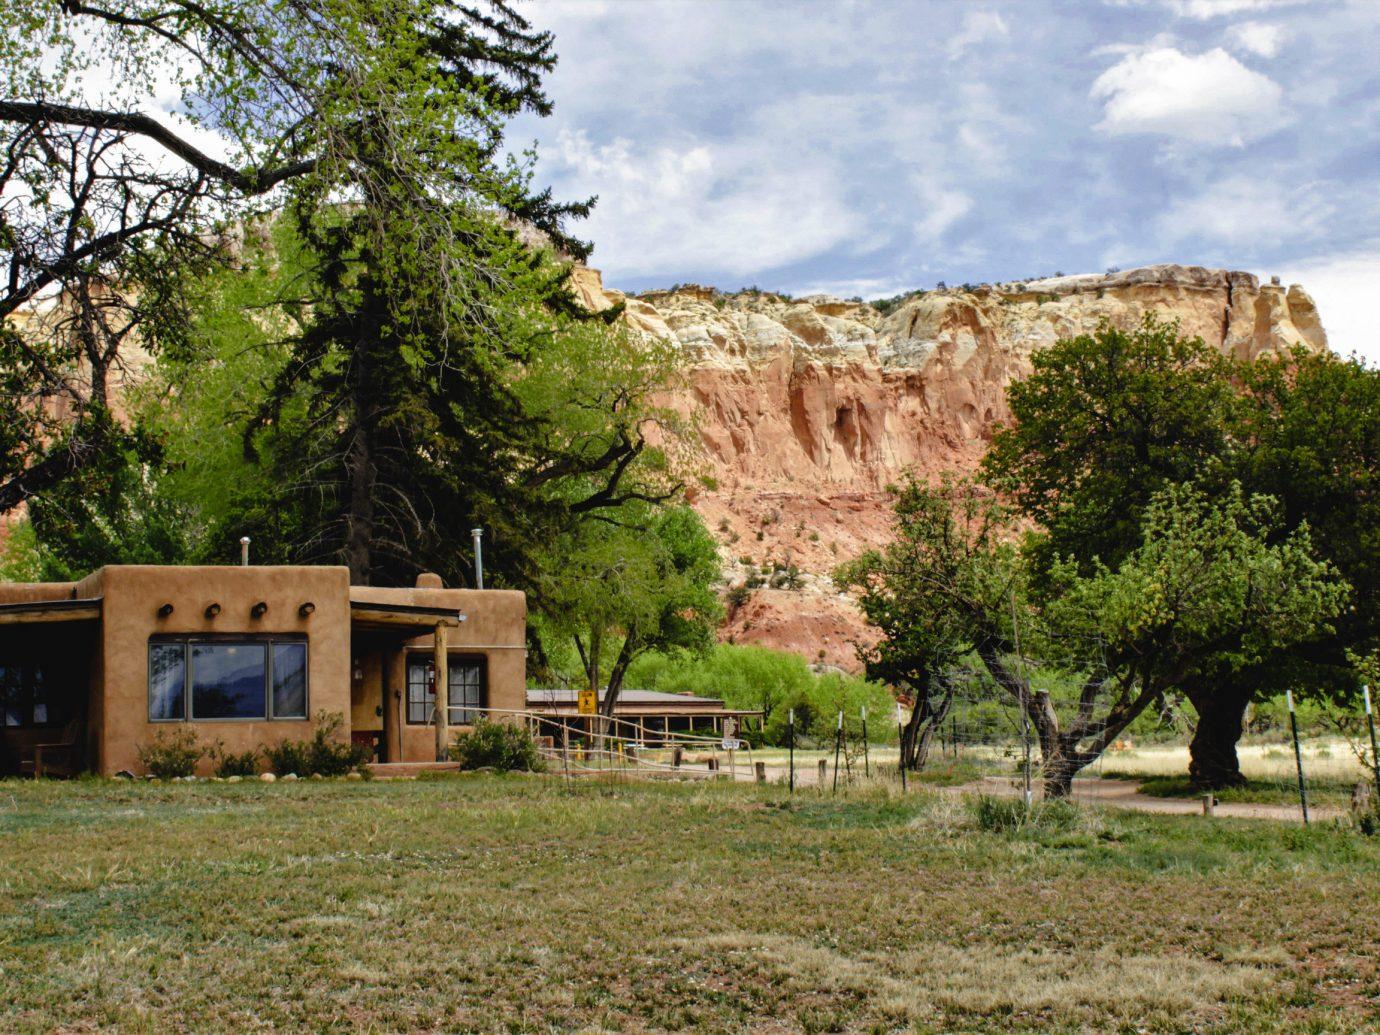 tree rural area home national park landscape real estate house cottage rock grass Village plant hacienda estate sky